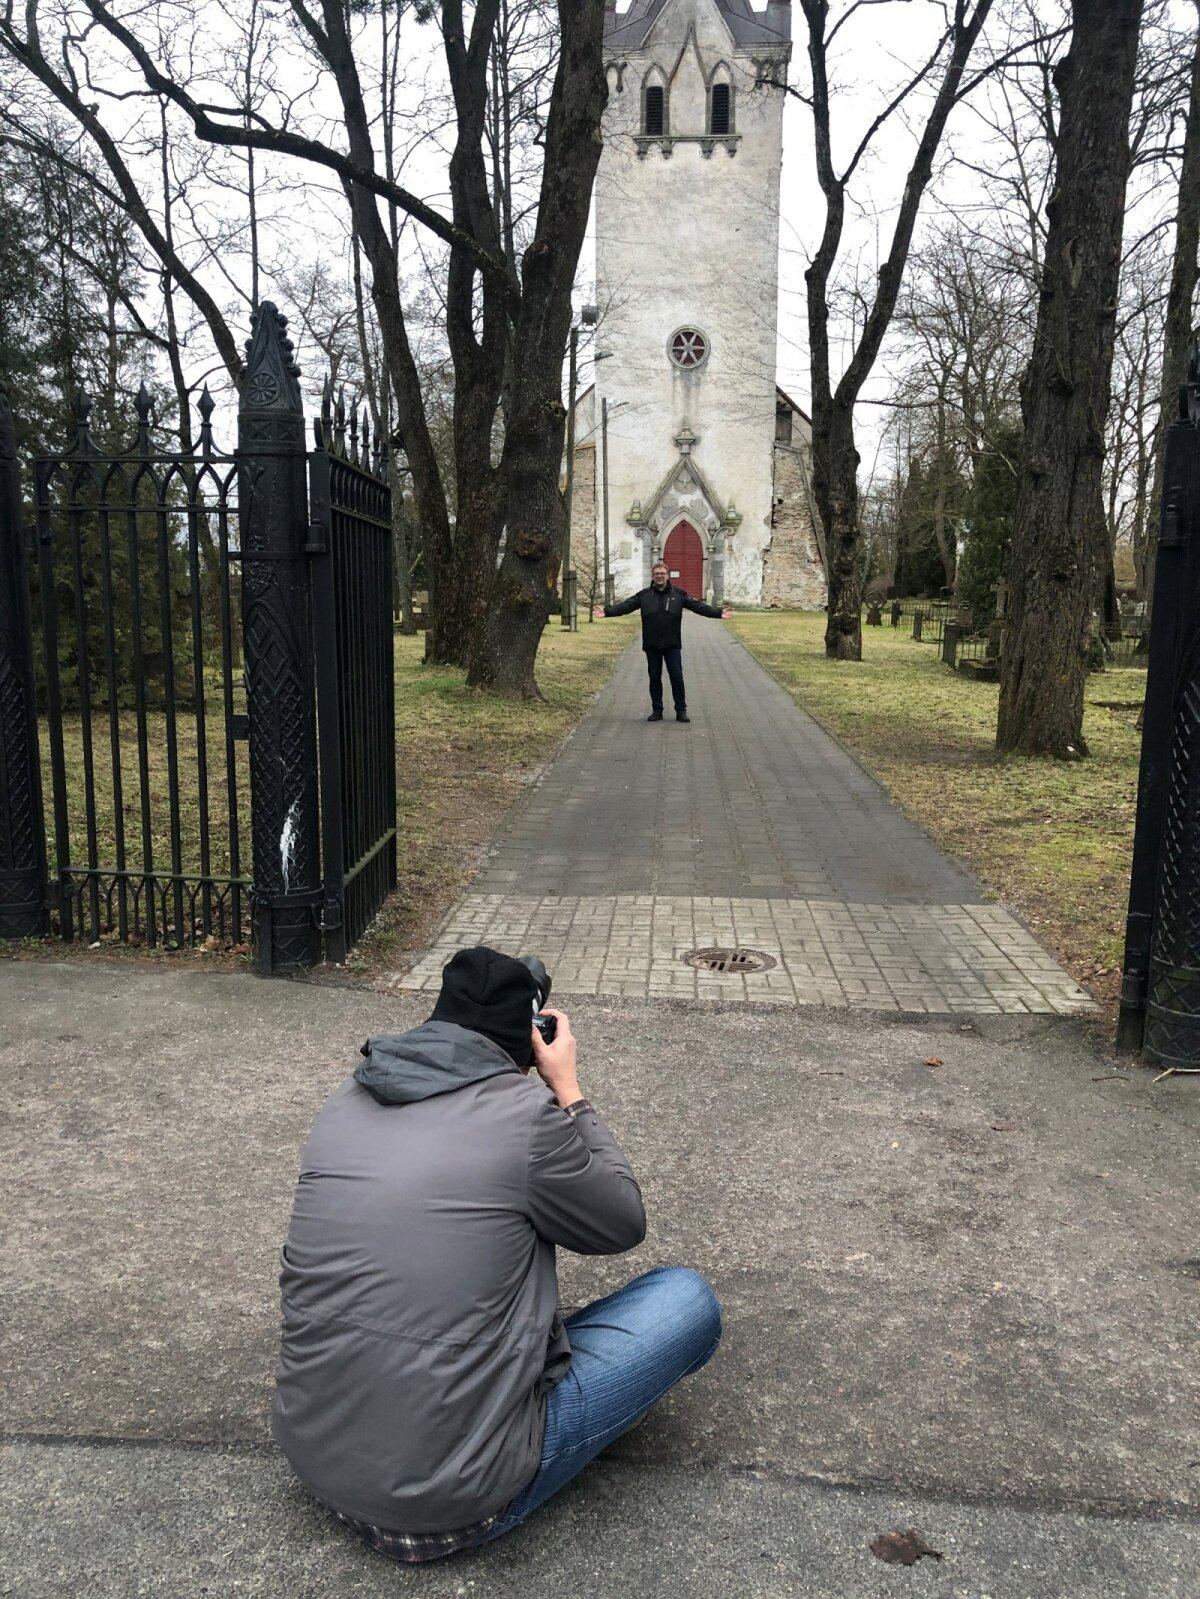 Nii pildistatakse kirikuõpetajat. Keila vaimulik Matthias Burghardti jäädvustamiseks oli kõige parem poos see, kus tema seisis, aga Sven istus värava ees teel.